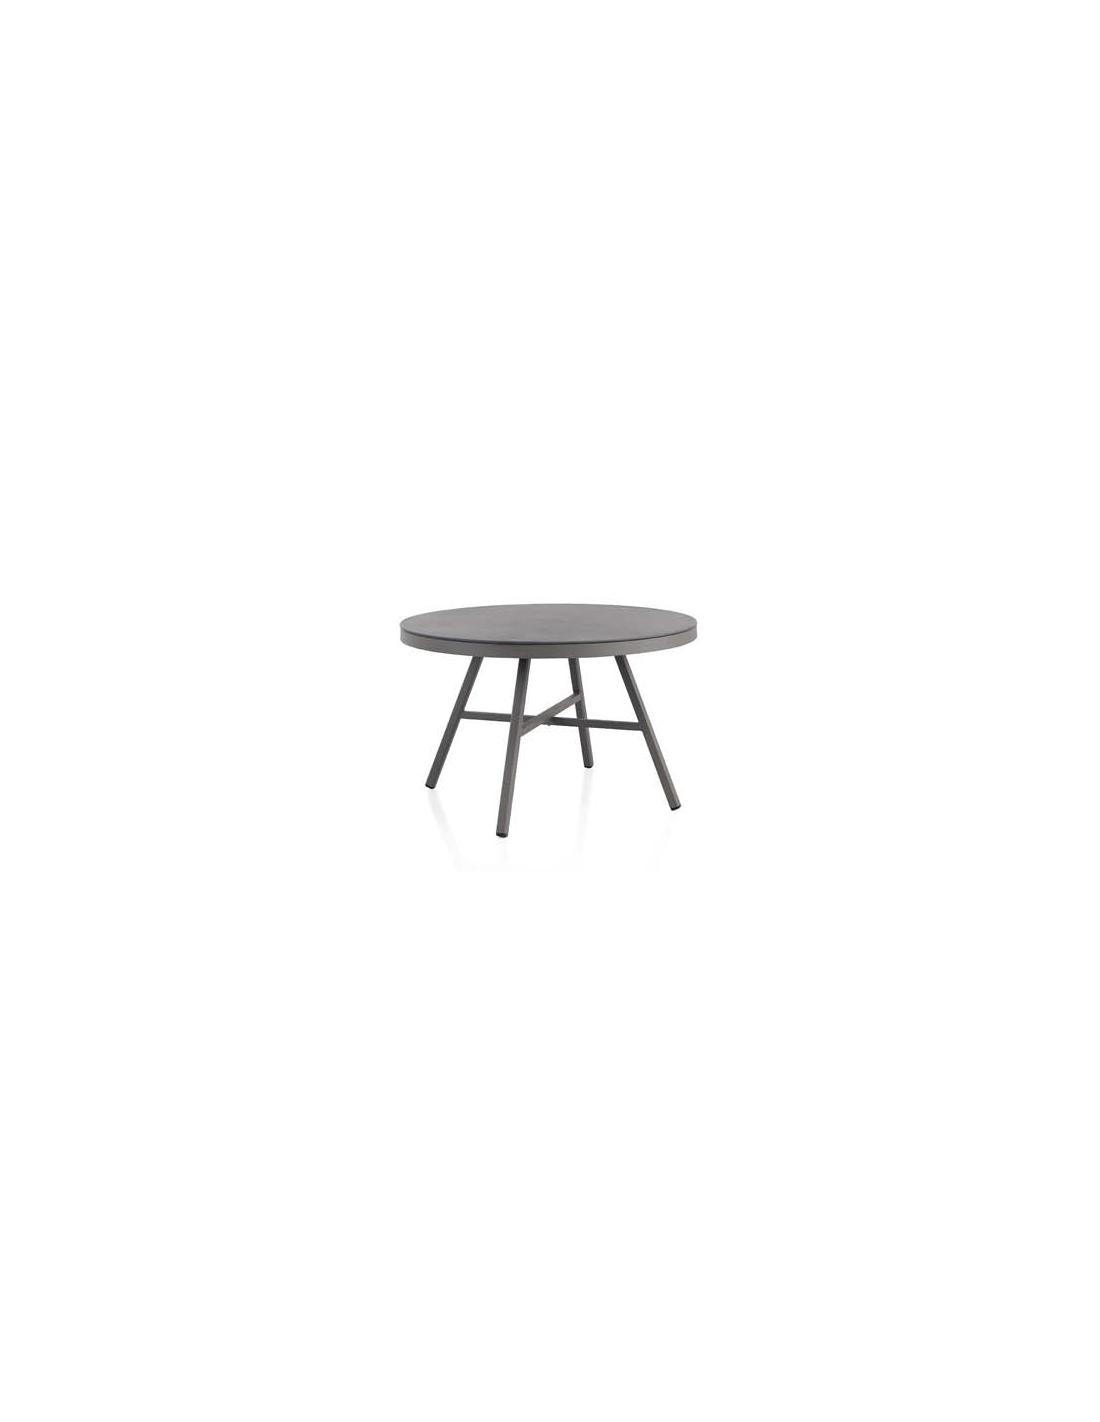 Comprar conjunto de jard n cube sillas y mesa di metro 120 cm for Conjunto mesa y sillas jardin